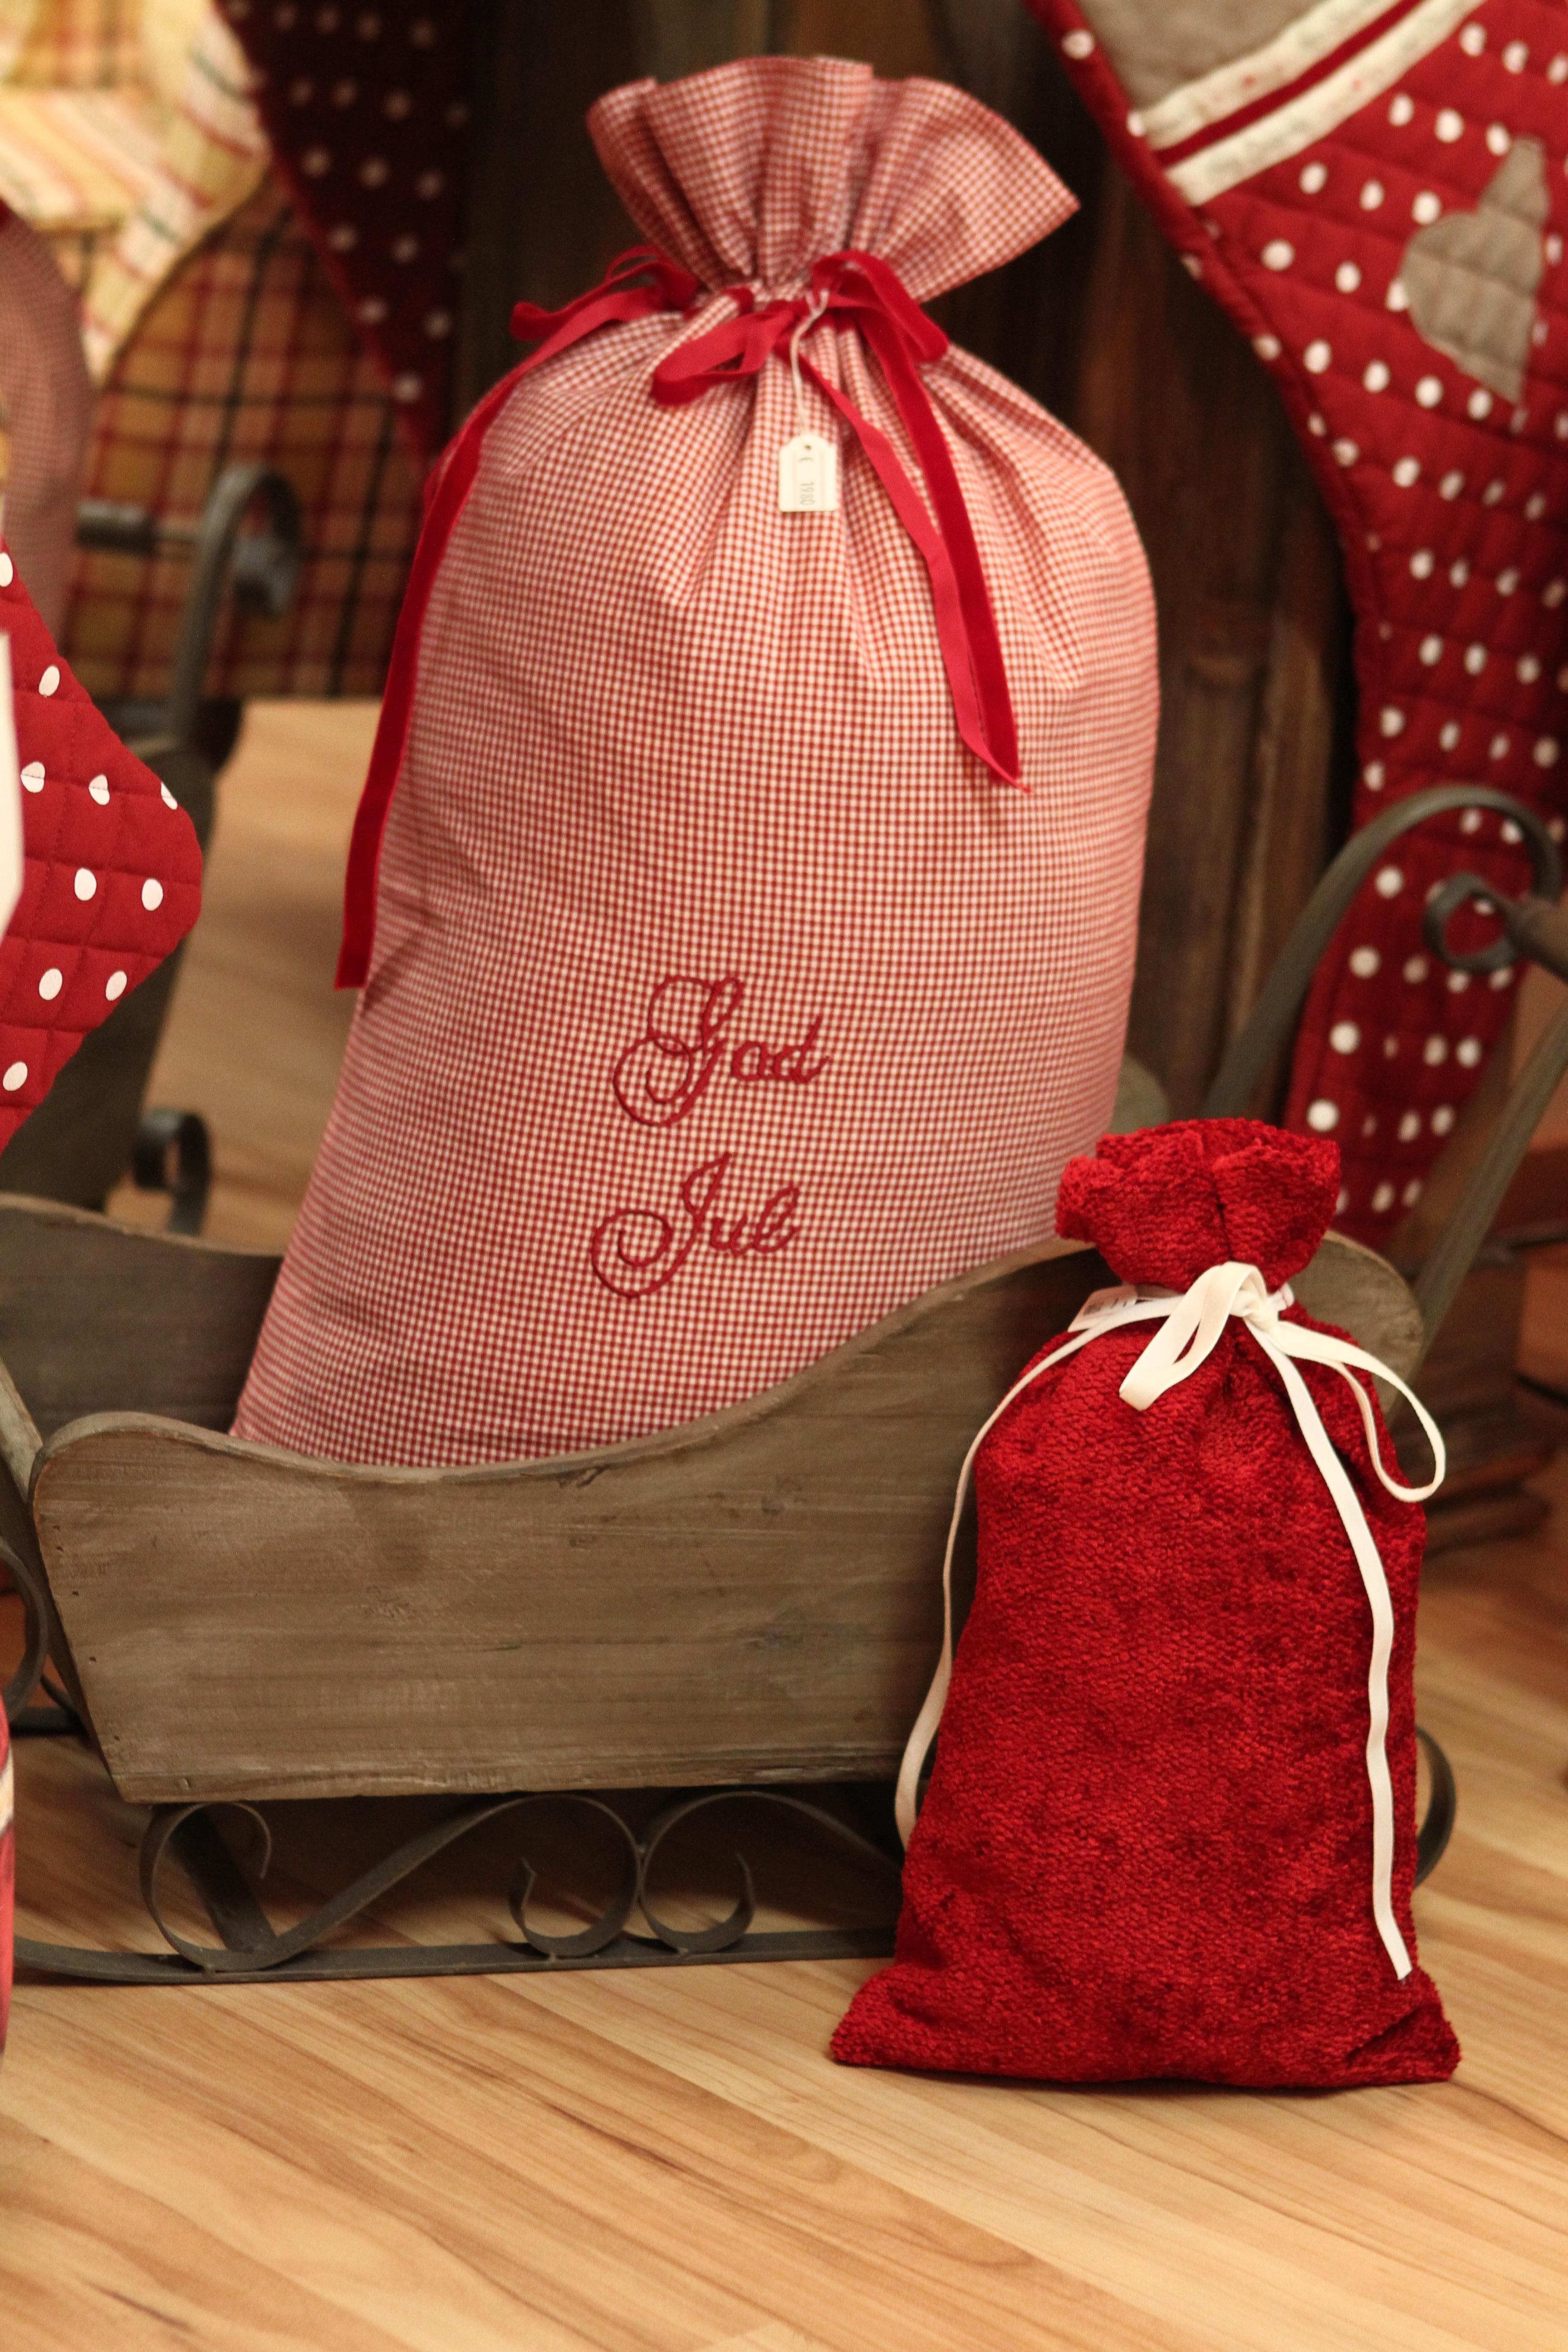 Stilvolle Geschenksverpackungen für Weihnachten La Cassetta